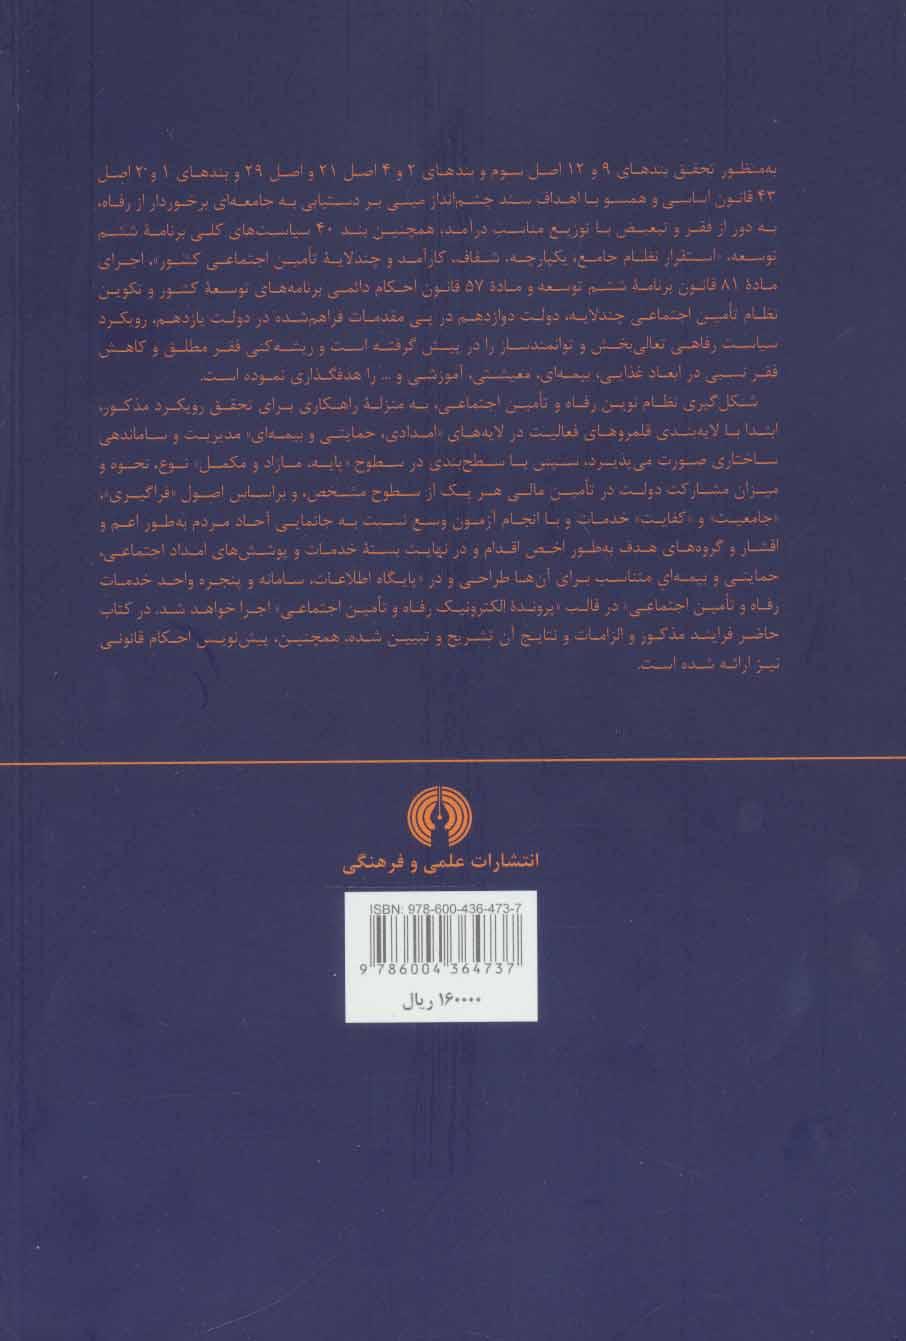 نظام نوین رفاه و تامین اجتماعی (از ایده تا عمل)،(کتاب های اقتصاد و جامعه)